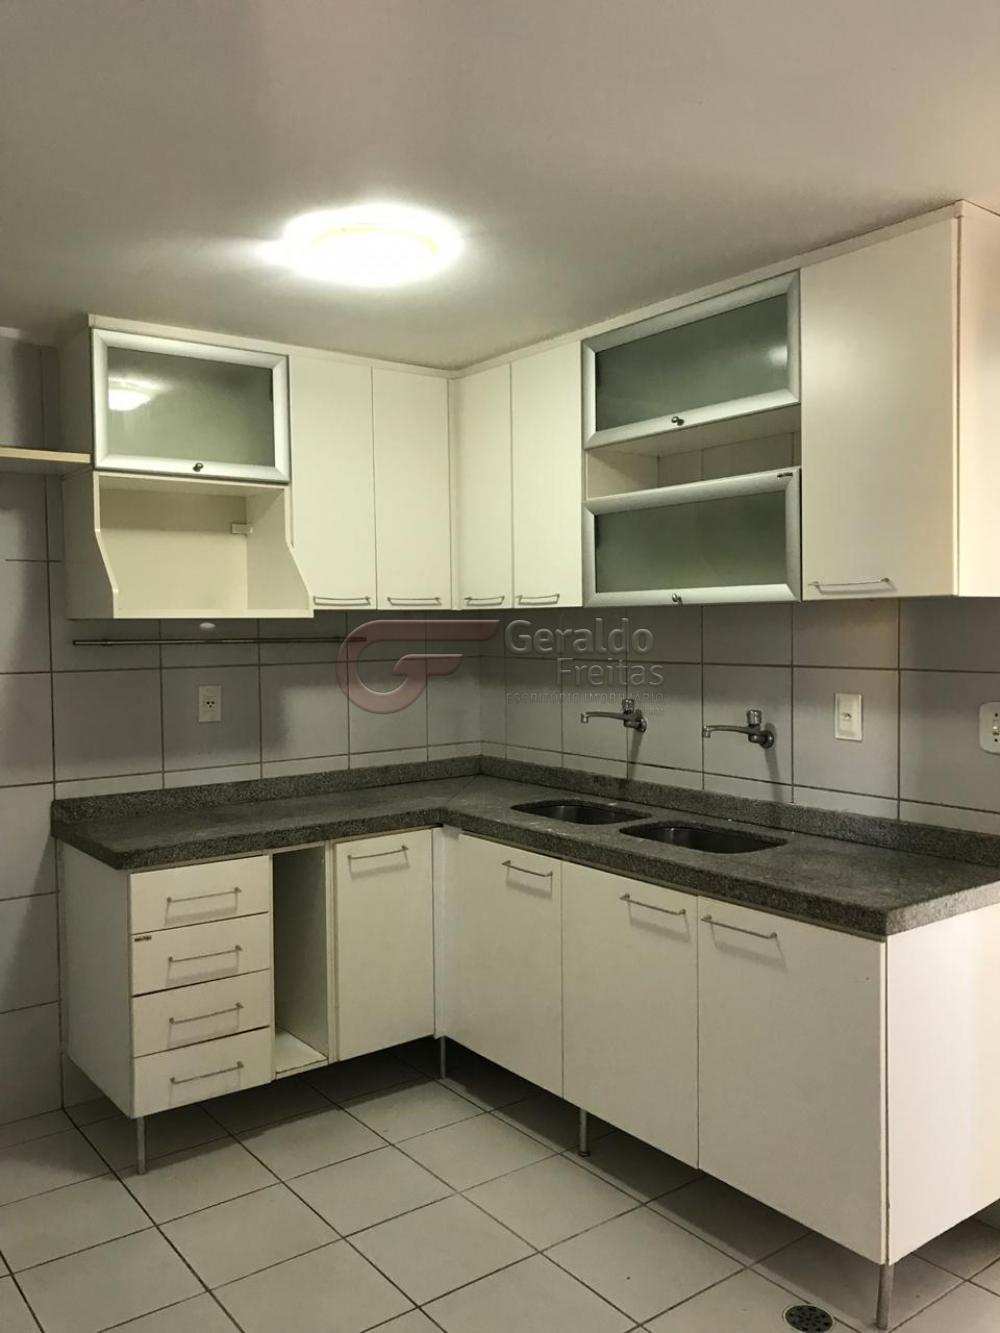 Comprar Apartamentos / Padrão em Maceió apenas R$ 440.000,00 - Foto 8